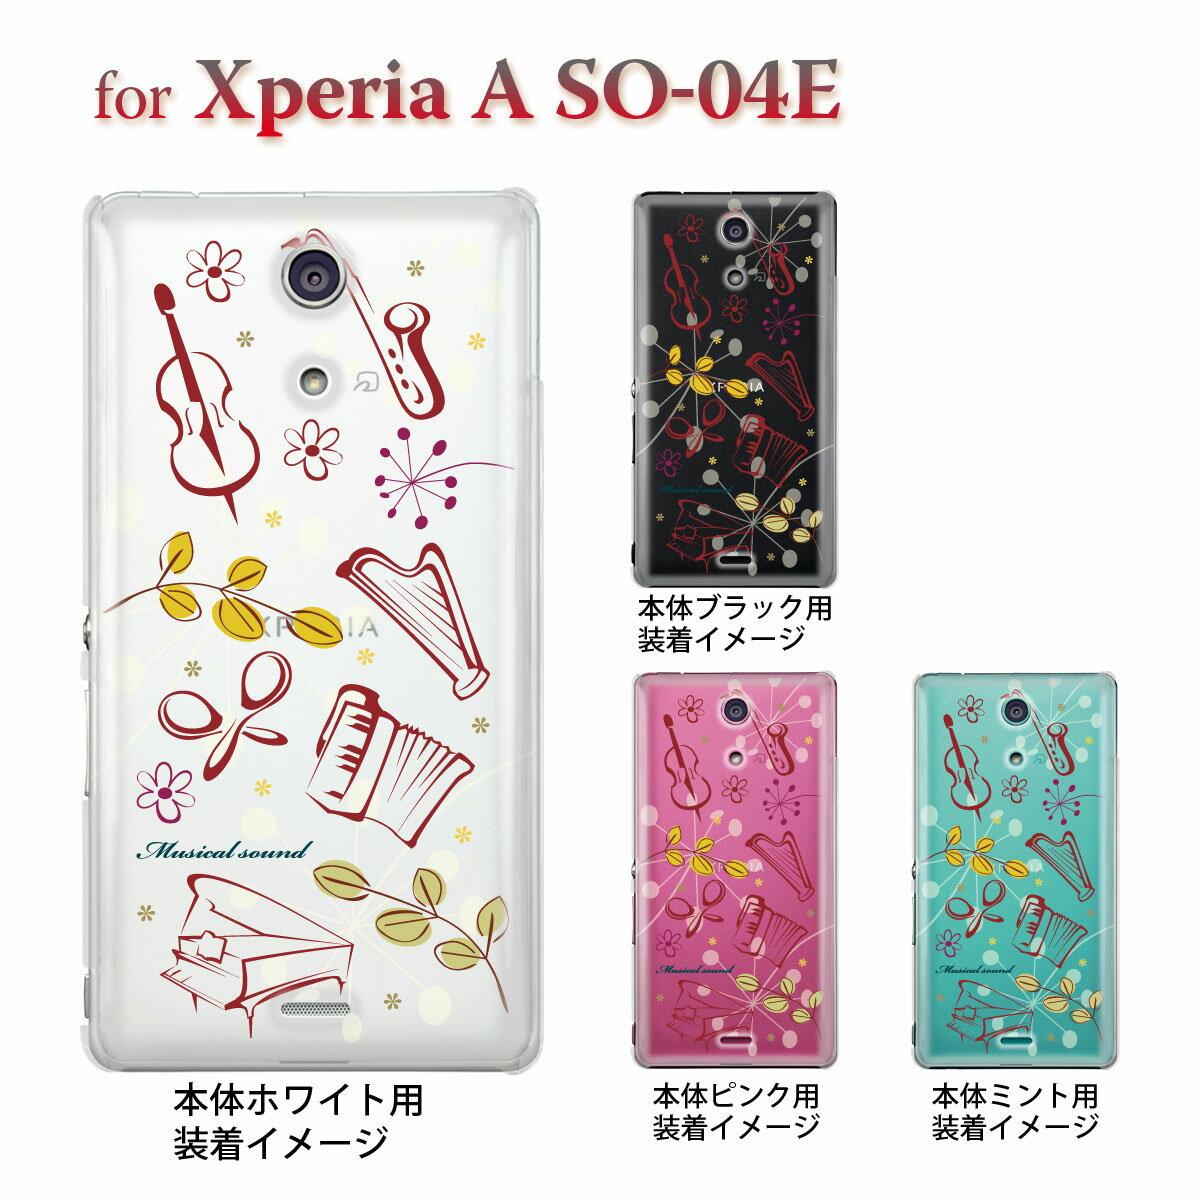 スマートフォン・携帯電話アクセサリー, ケース・カバー Xperia A SO-04Edocomo 09-so04e-mu0015